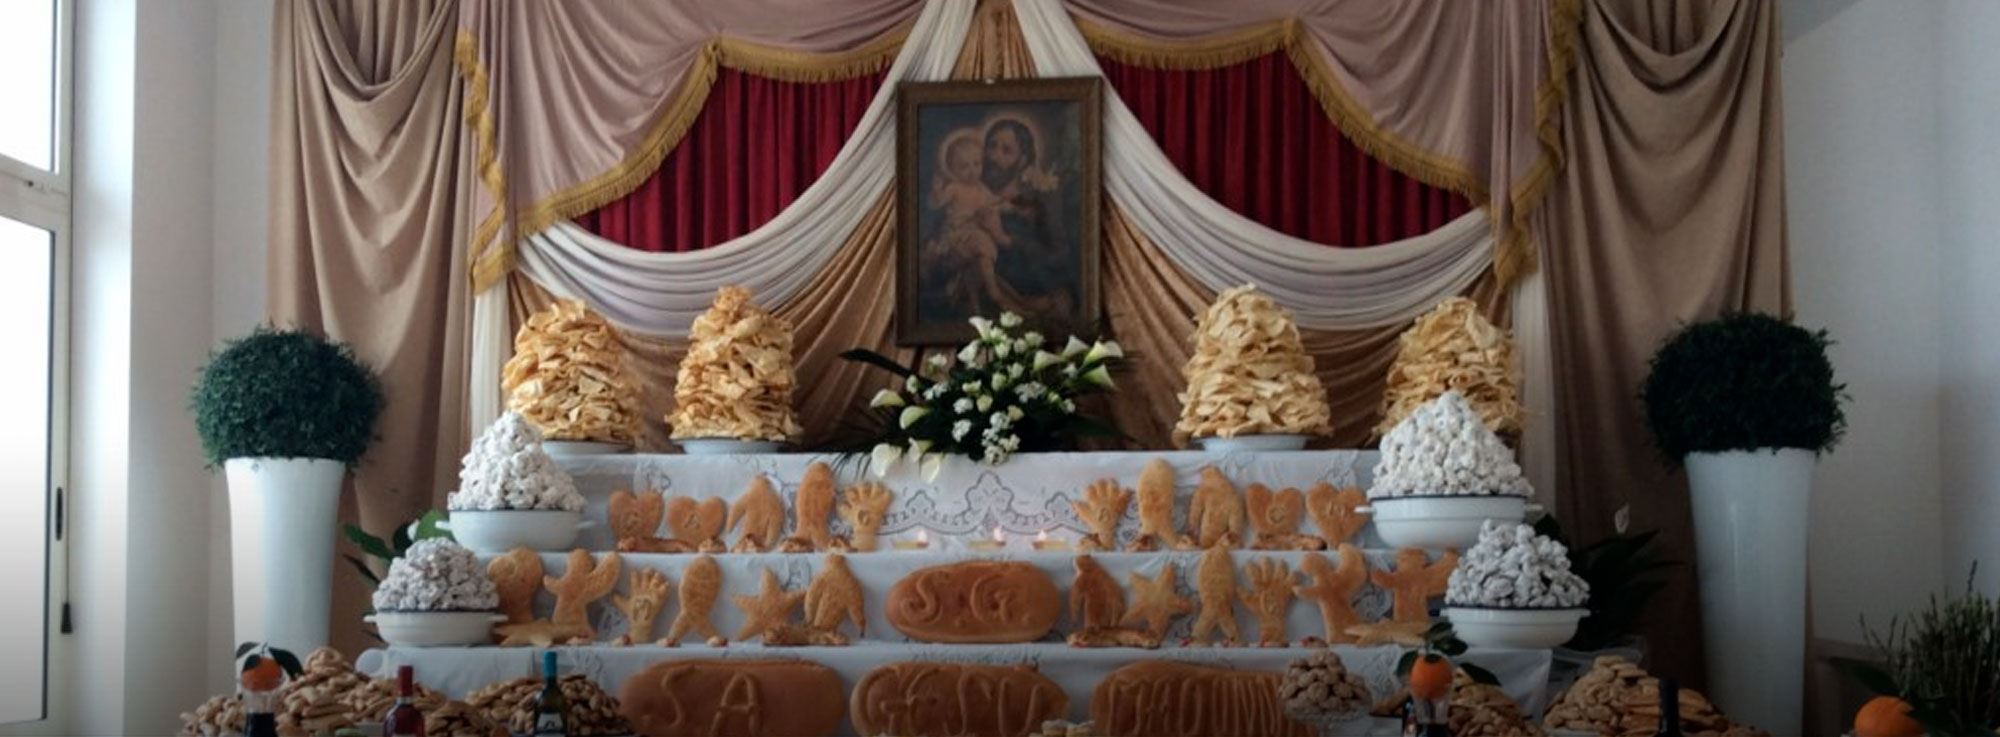 Lizzano: Tavole di San Giuseppe